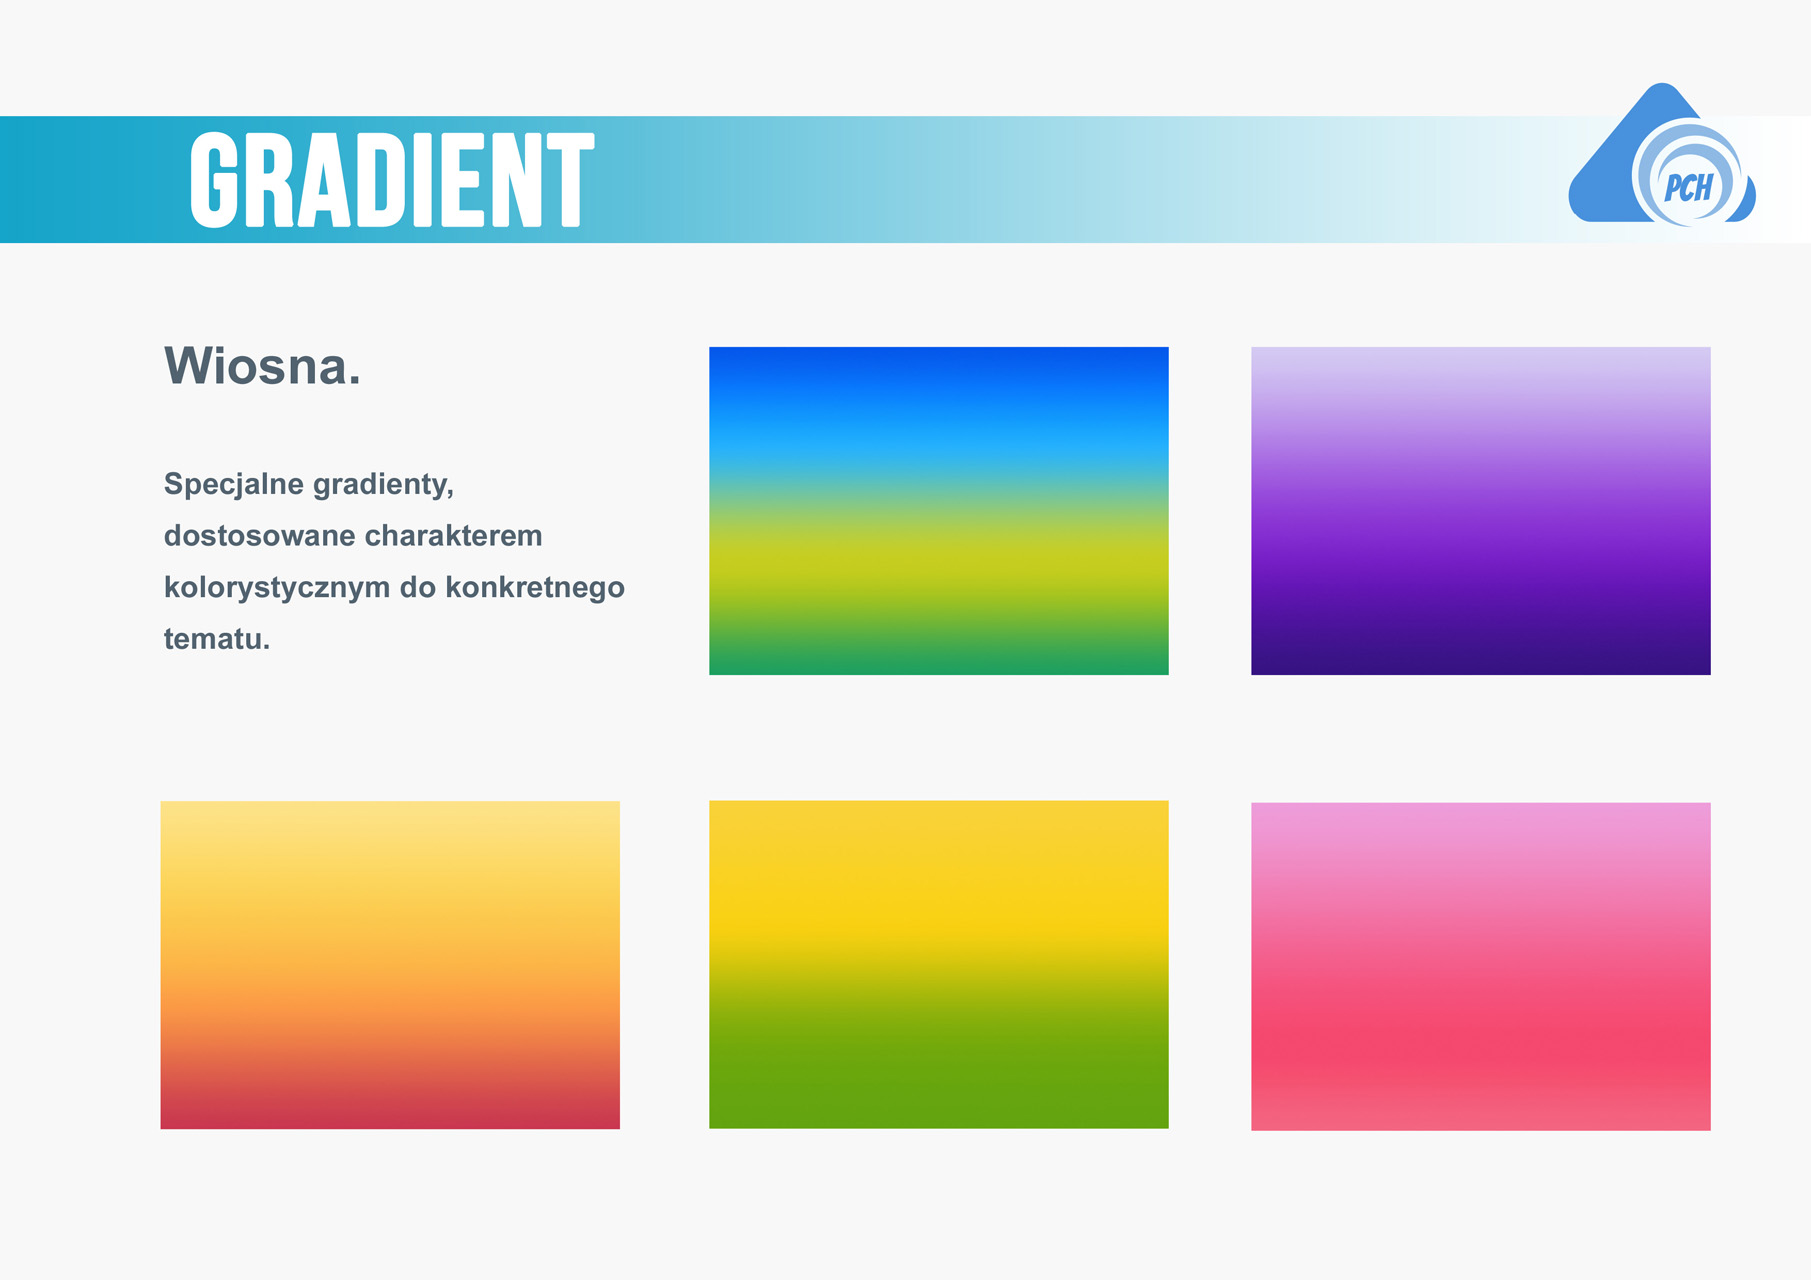 pp4-gradient-08